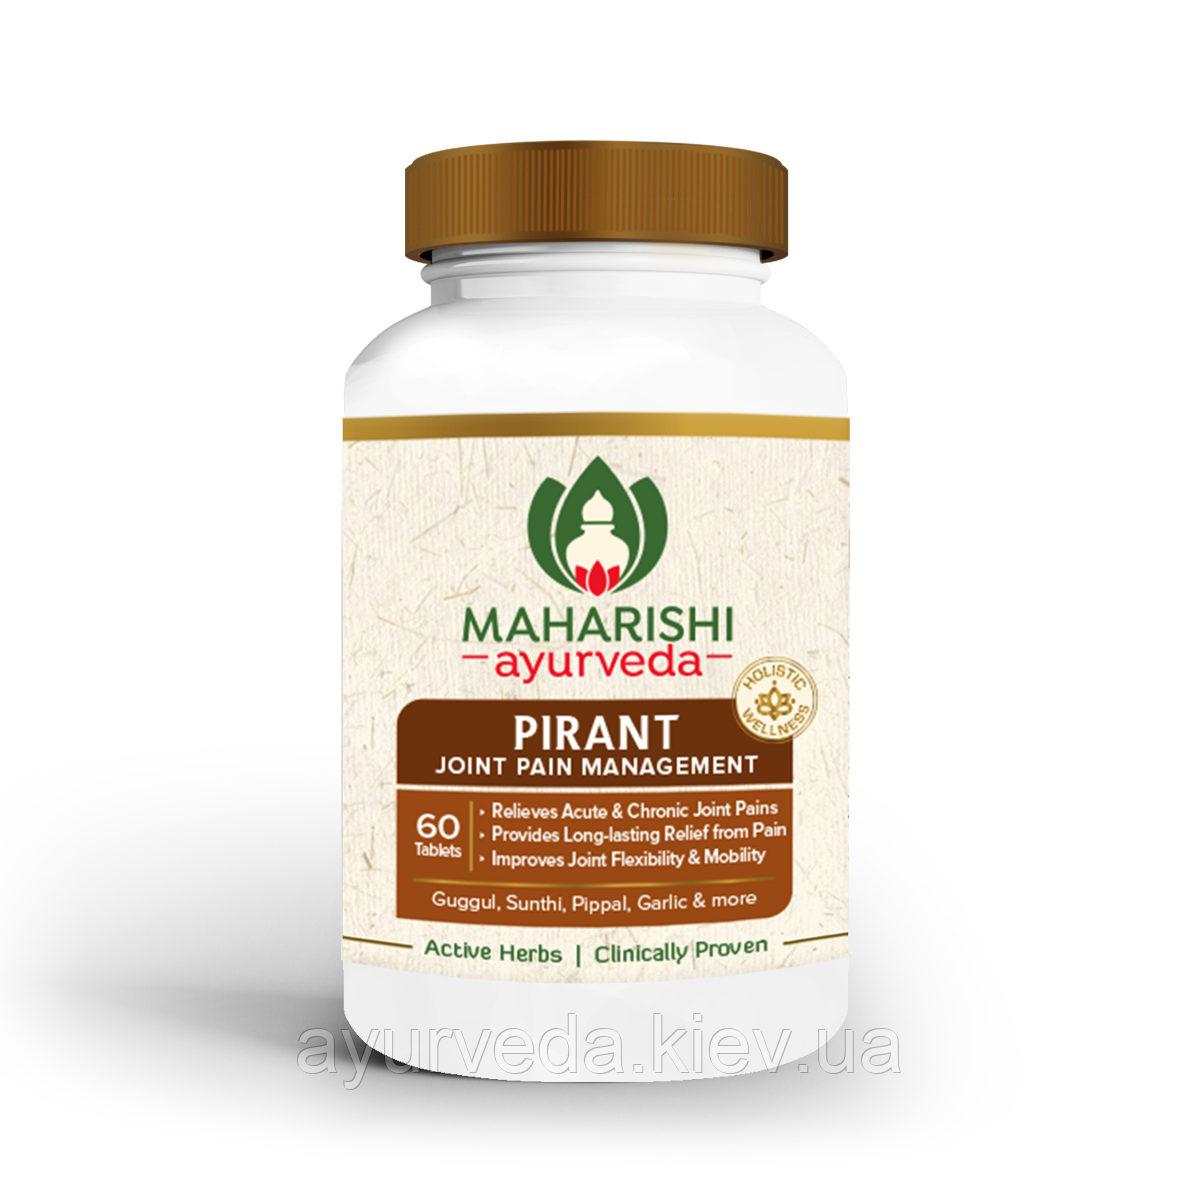 Пирант - воспаление суставов, артрит, подагра, остеоартрит, ишиалгия, растяжения, укрепляет ткани суставов